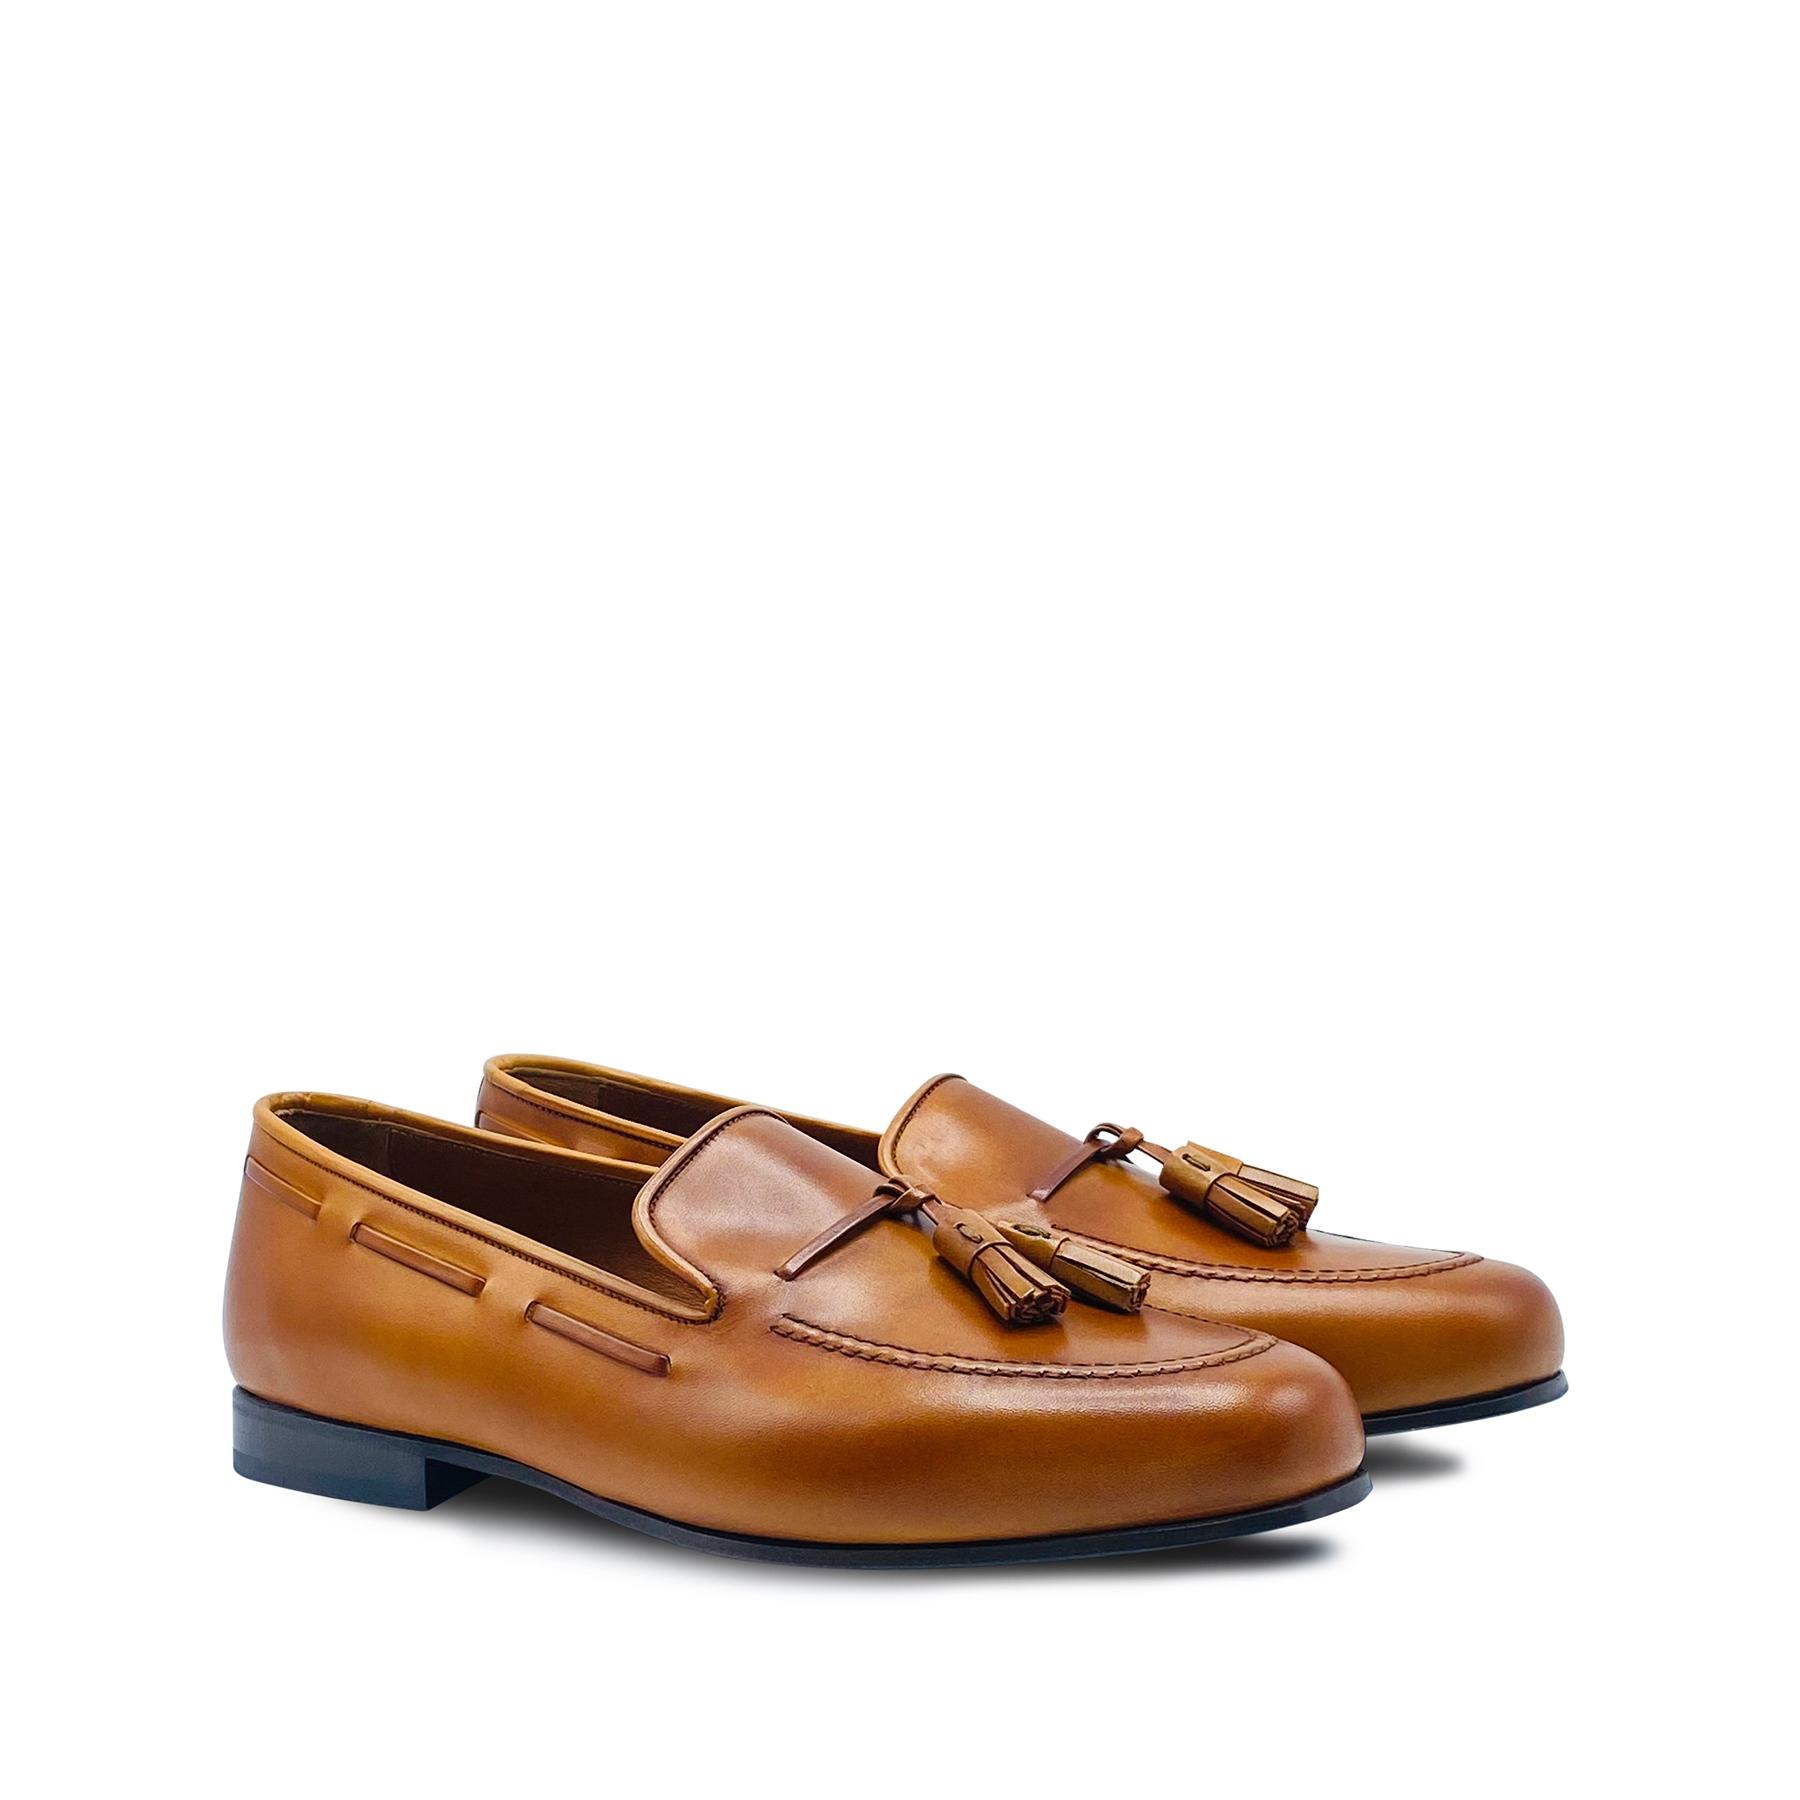 Langston – Tan Leather Tassel Loafers